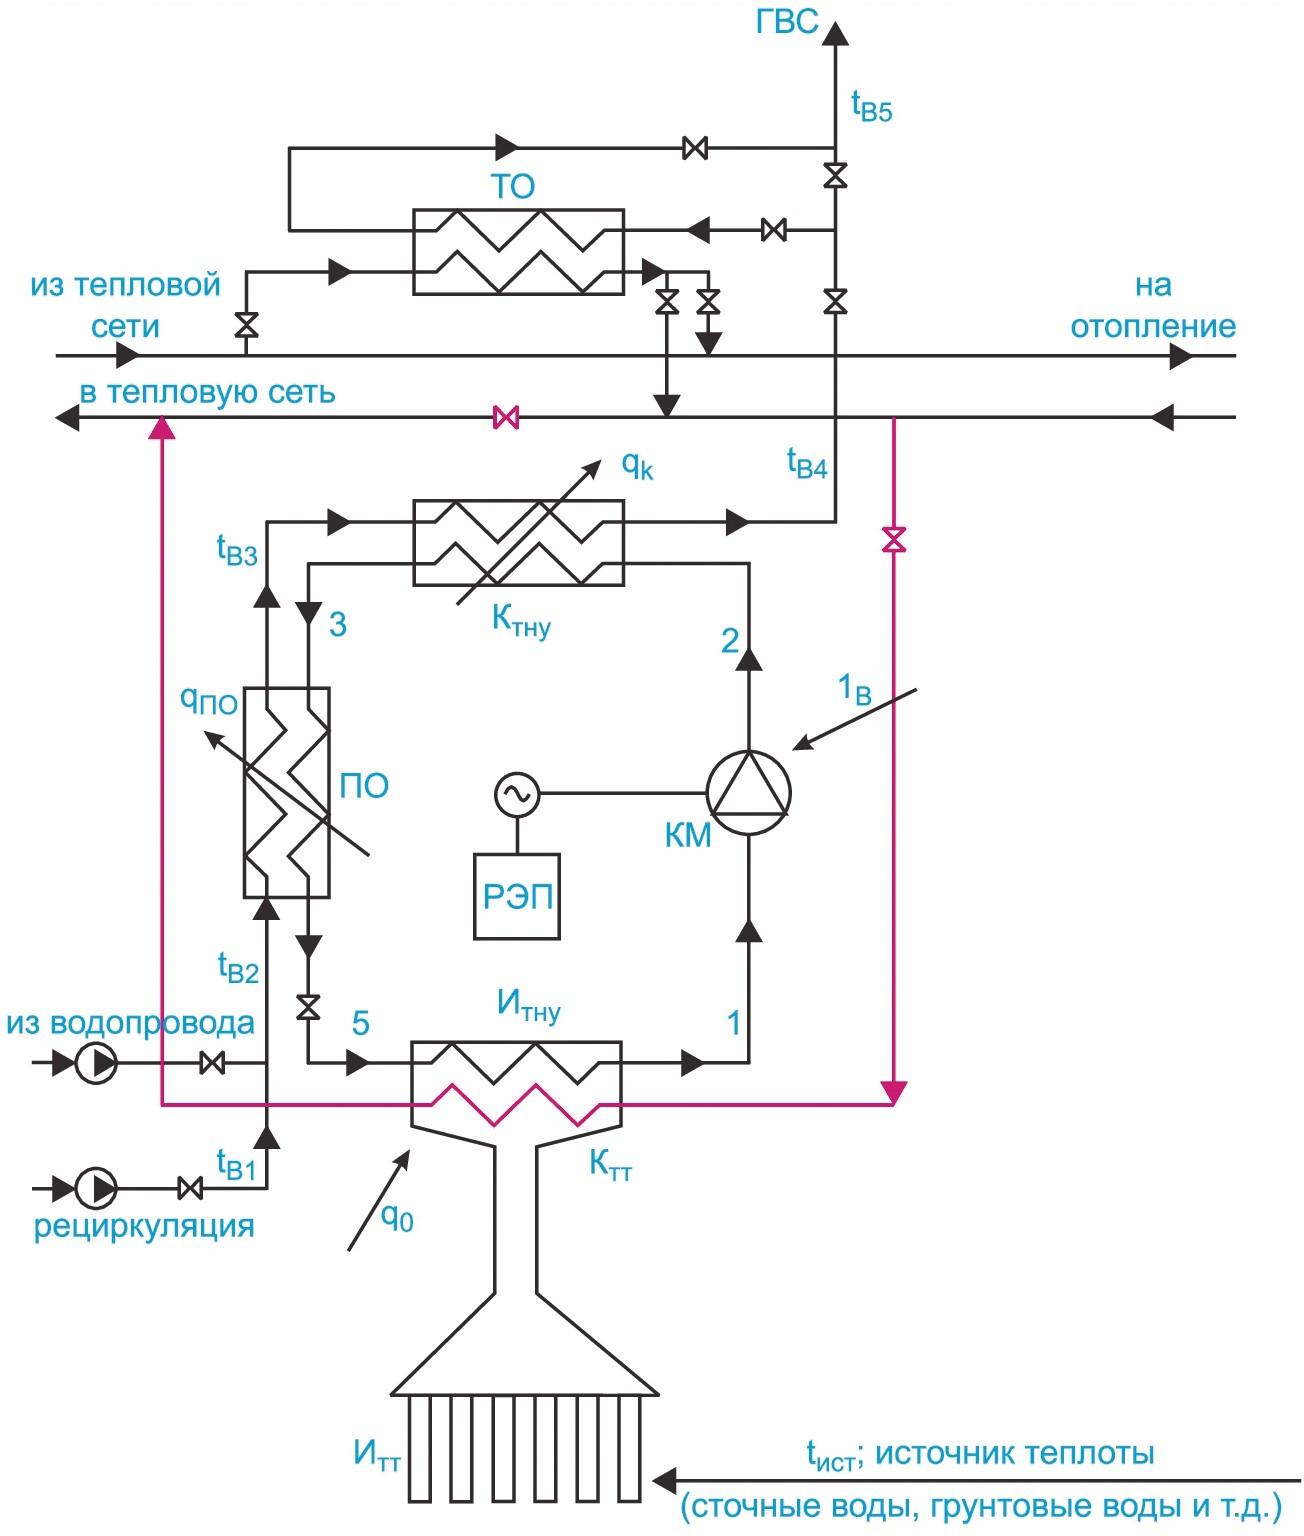 Рассматриваемые варианты схем включения ТНУ в централизованную систему теплоснабжения